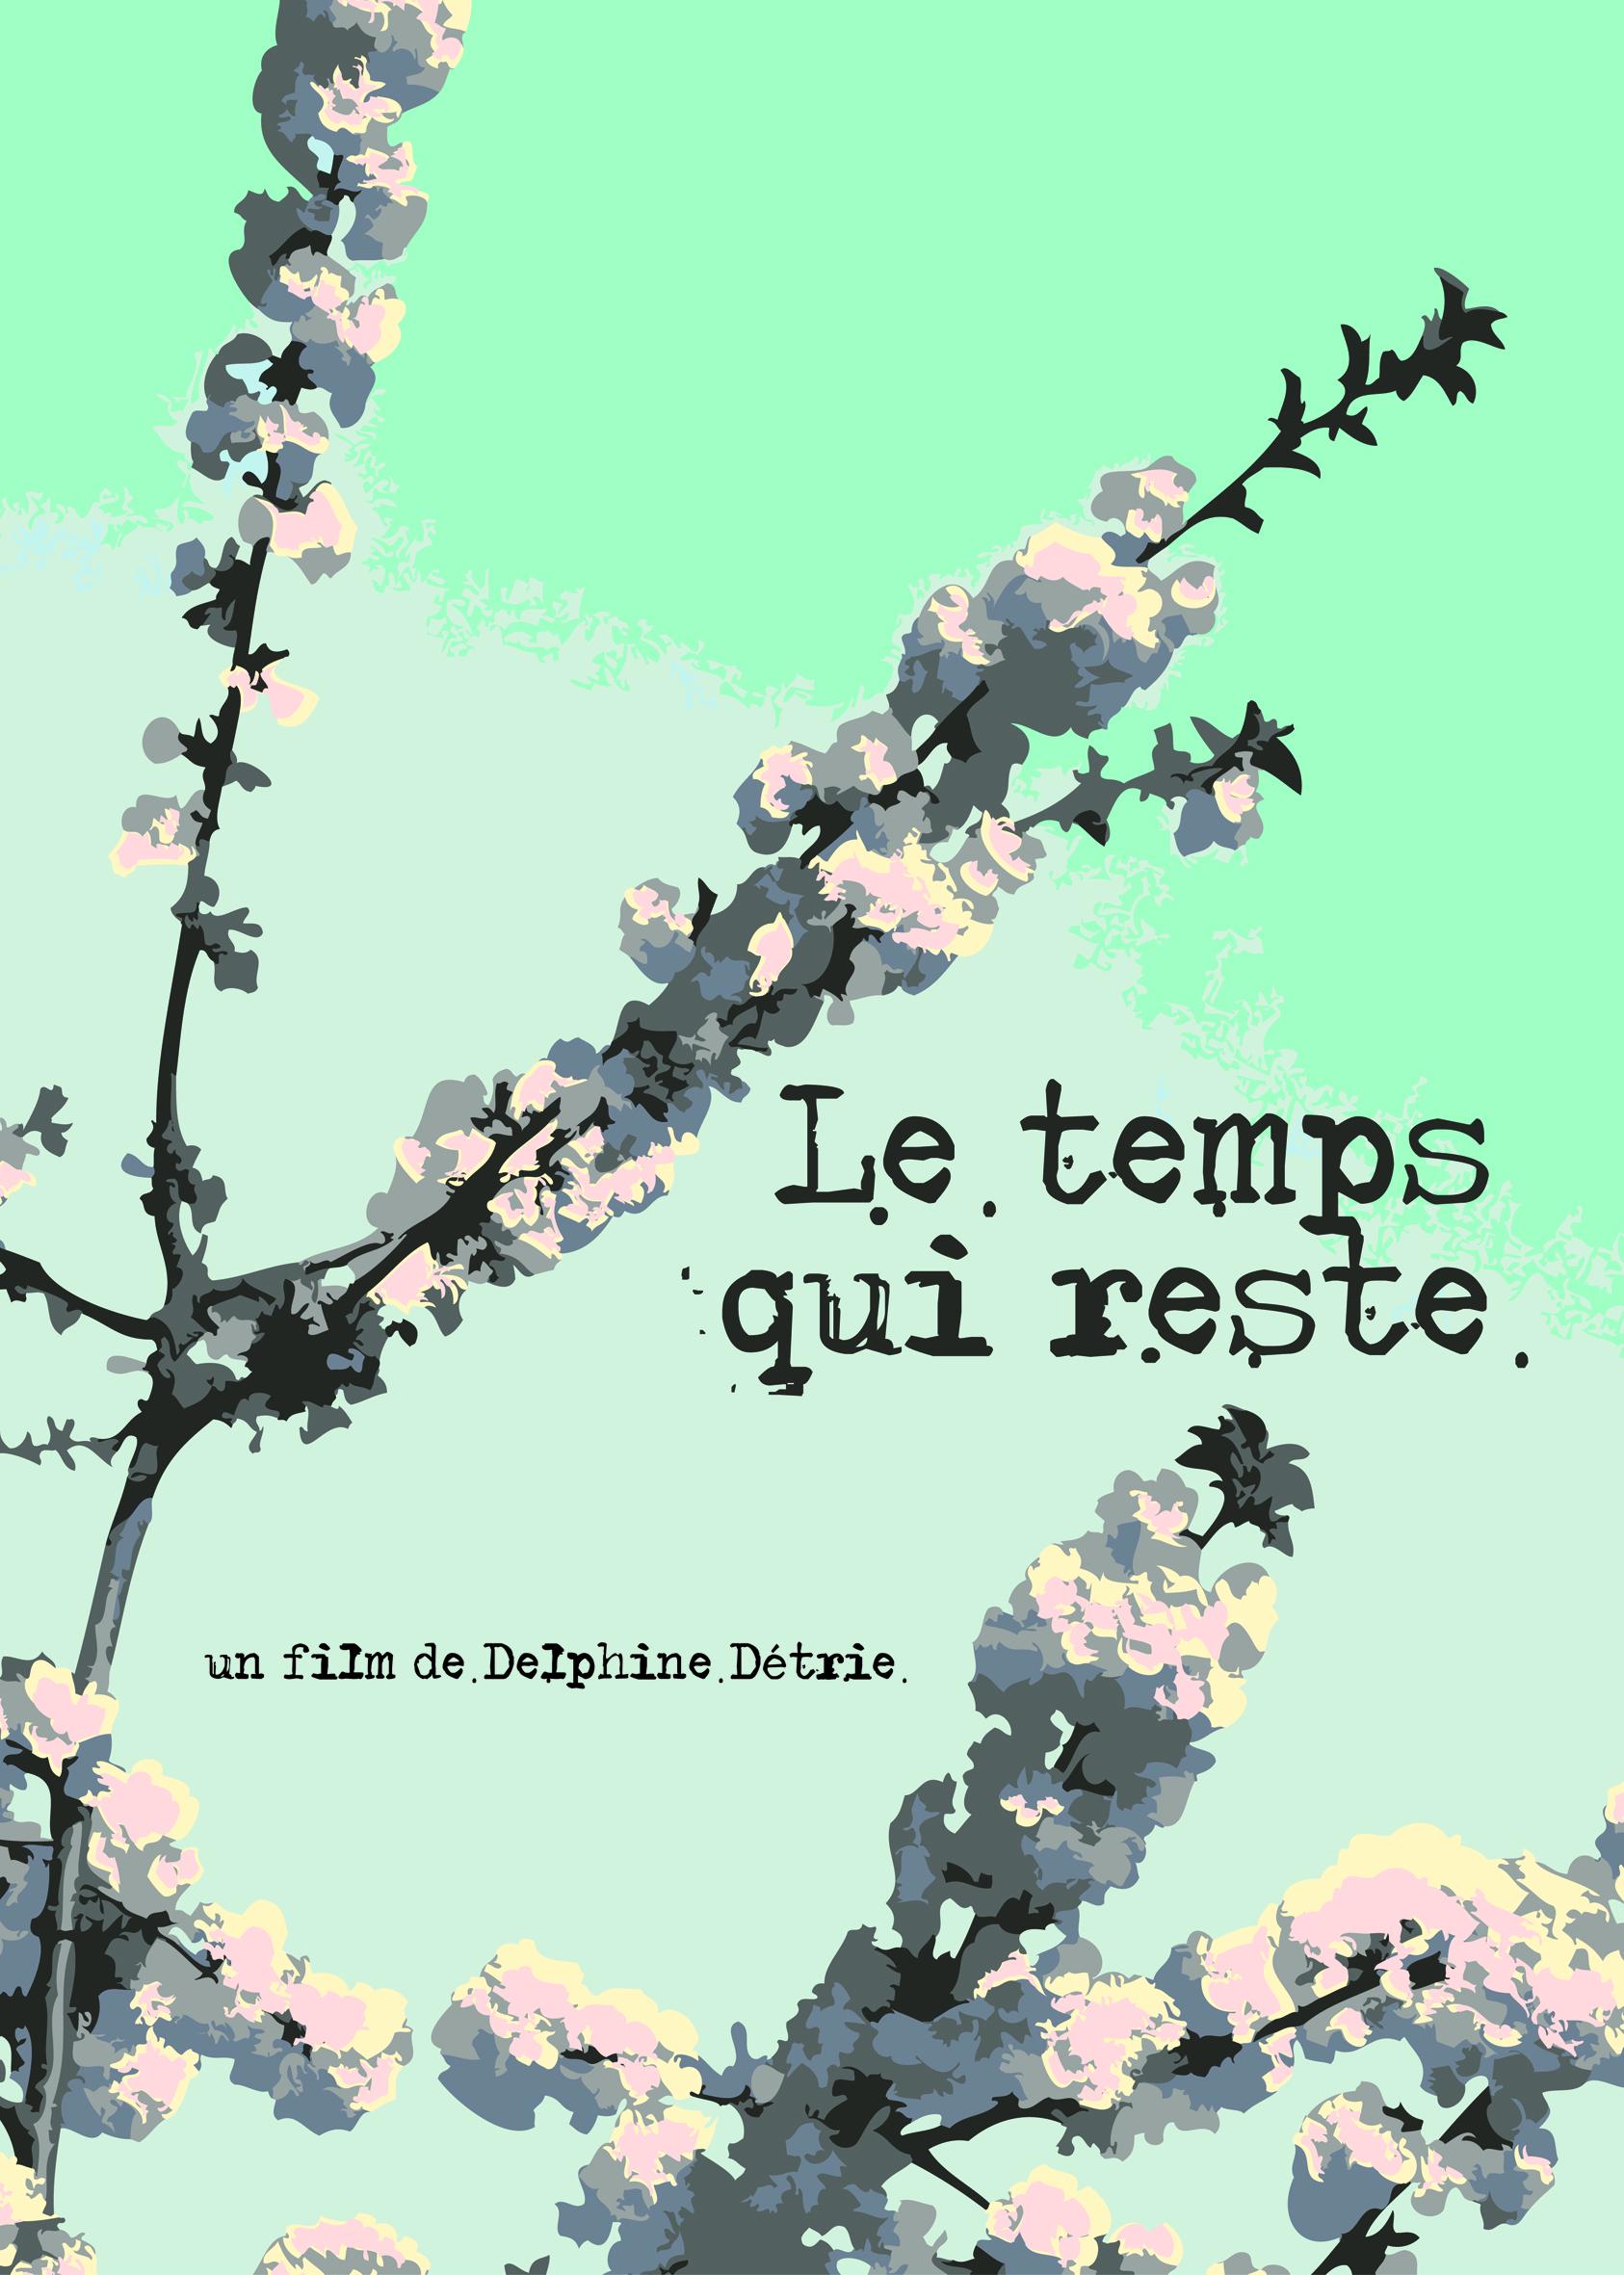 le_temps_qui_reste_affiche_A3_-_copie-1463647975.jpg